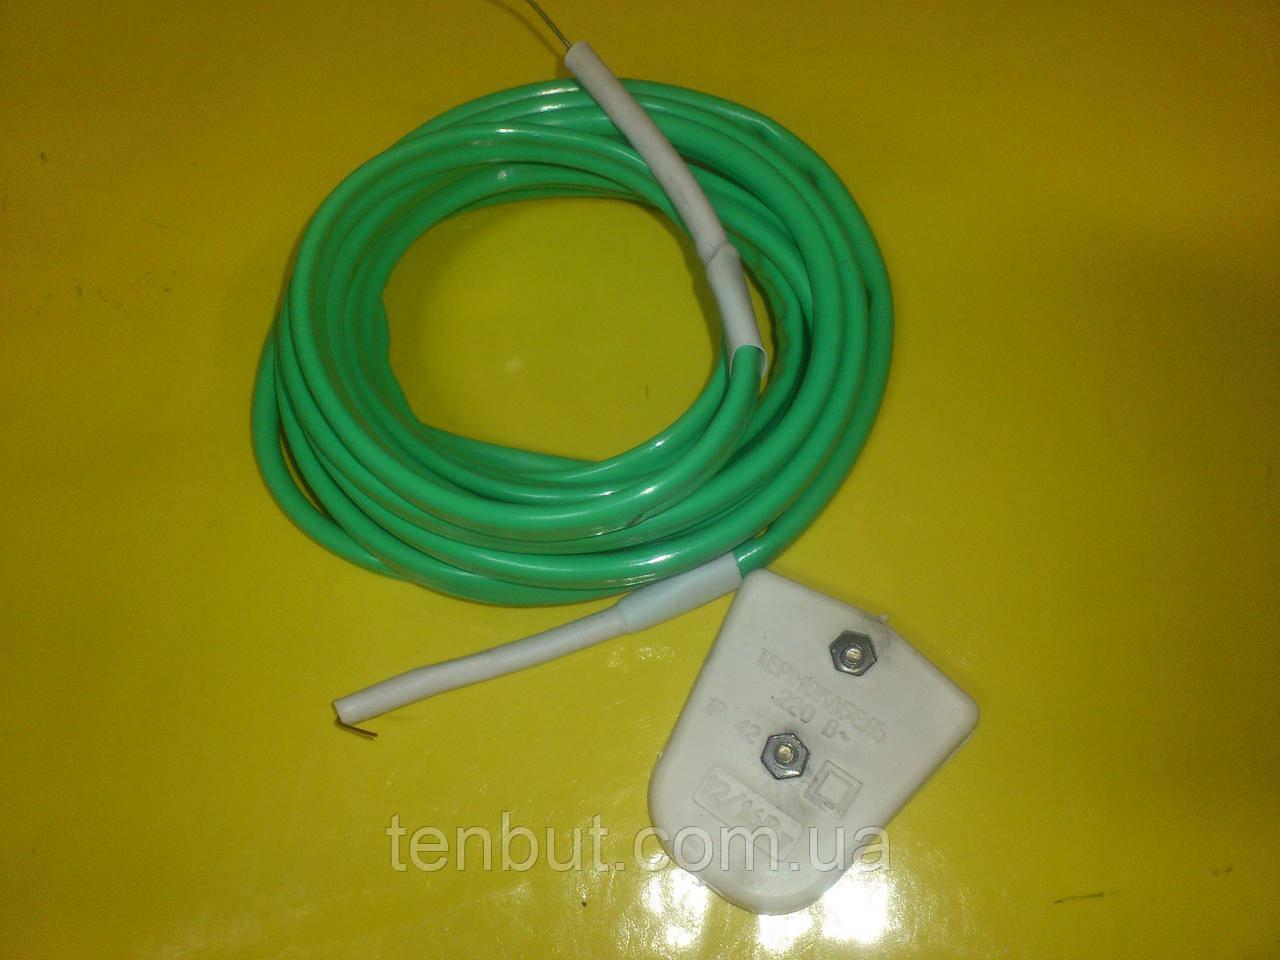 Электронагреватель шнуровой низкотемпературный 220 В. / 30 Вт./ 4 метра